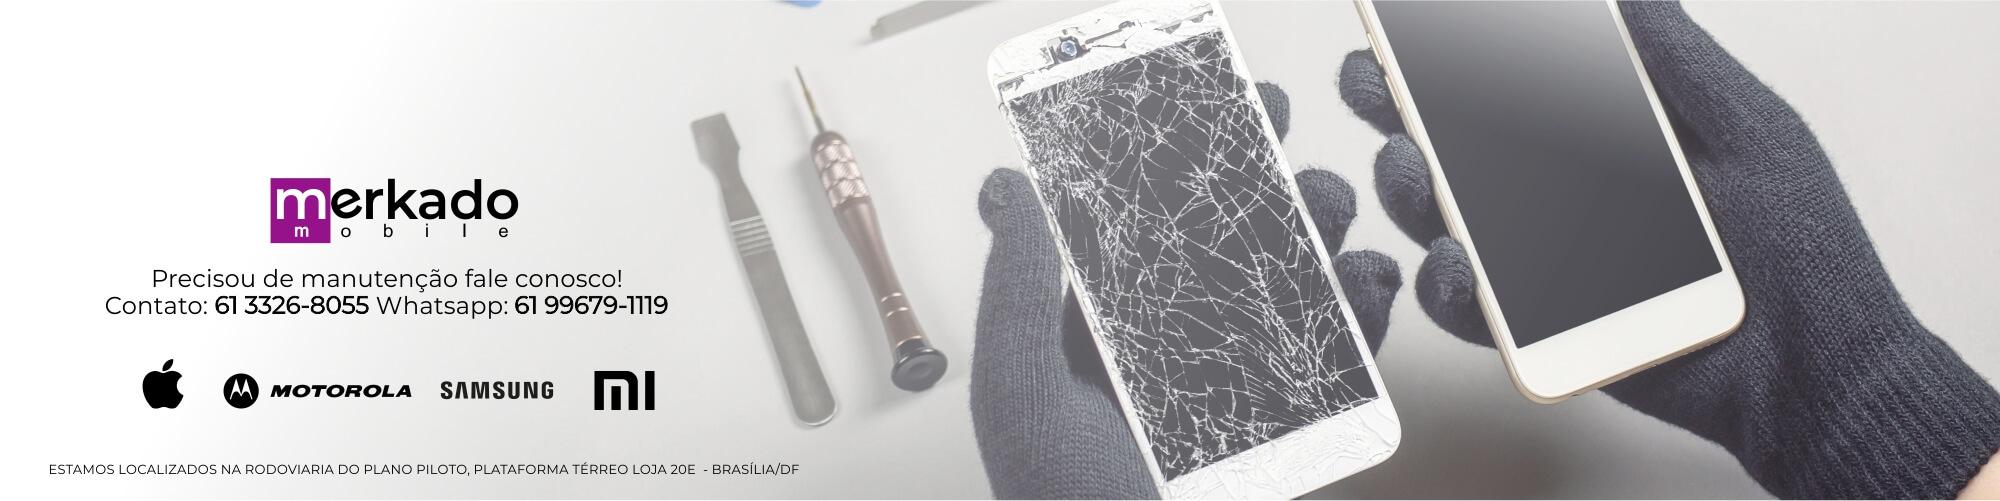 Manutenção-Smartphone